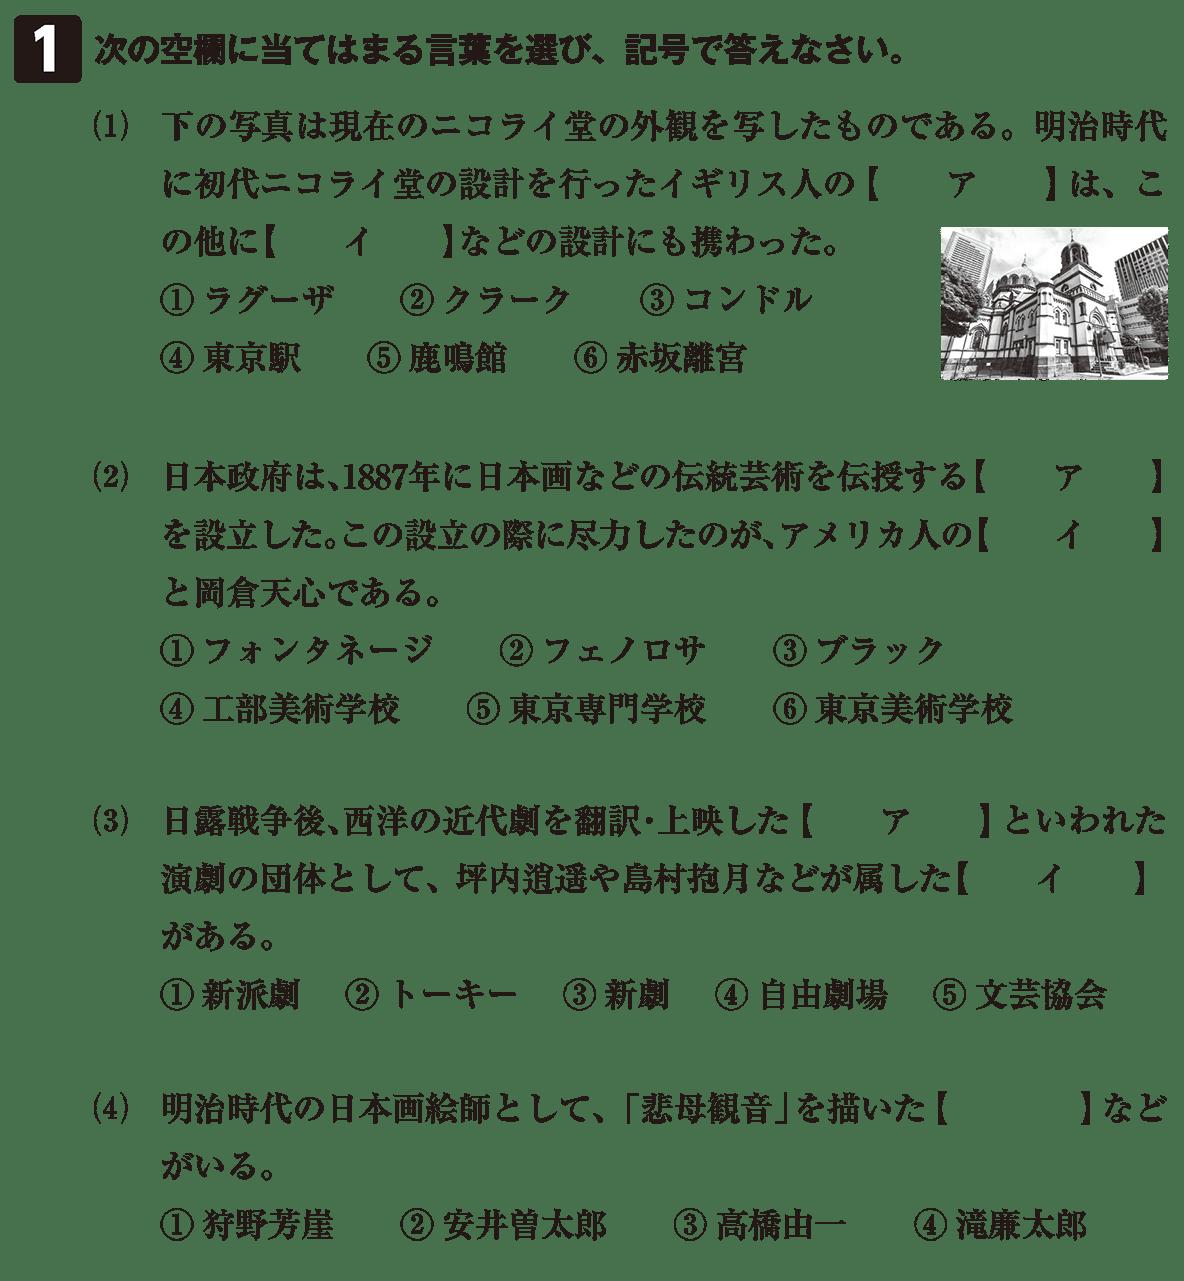 近現代の文化21 問題1 問題